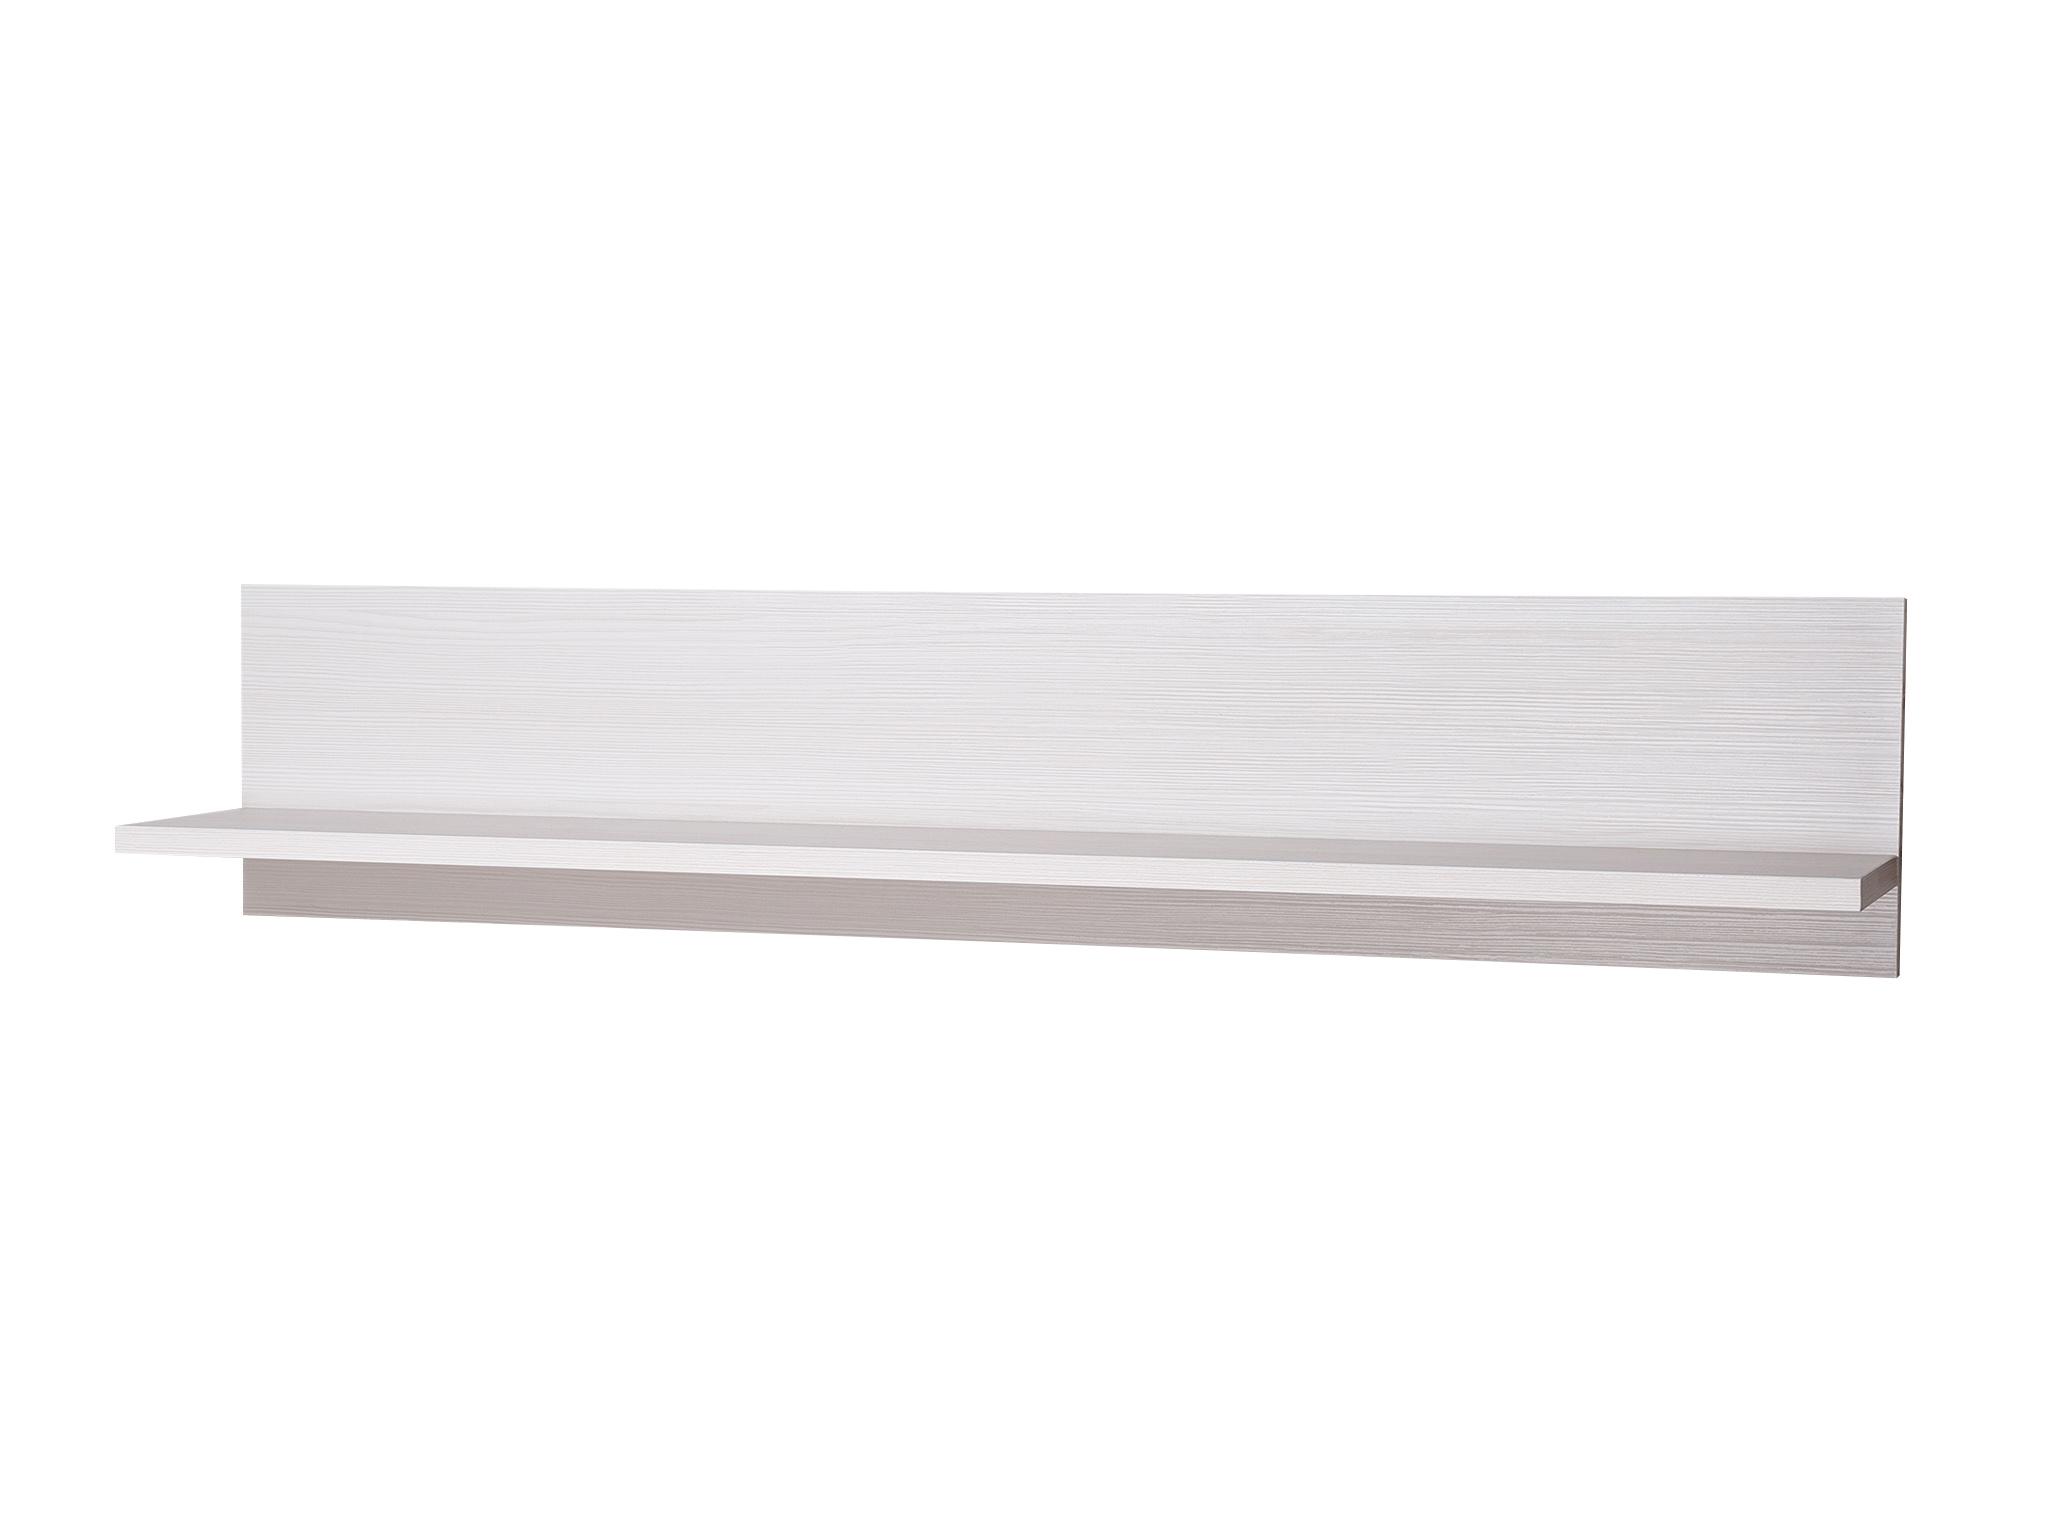 Полка TIFFANYПолки<br>Цвет: вудлайн кремовый&amp;lt;div&amp;gt;Материал корпуса: ДСП ламинированная, толщина- 16 мм&amp;lt;/div&amp;gt;&amp;lt;div&amp;gt;Материал фасада: рамочный (планки МДФ ламинированная, патинированная и филенка ЛДСП толщина 8 мм)&amp;lt;/div&amp;gt;&amp;lt;div&amp;gt;Тип облицовки: ПВХ 0,5мм<br>&amp;lt;/div&amp;gt;<br><br>Material: ДСП<br>Ширина см: 130.0<br>Высота см: 26.7<br>Глубина см: 21.6